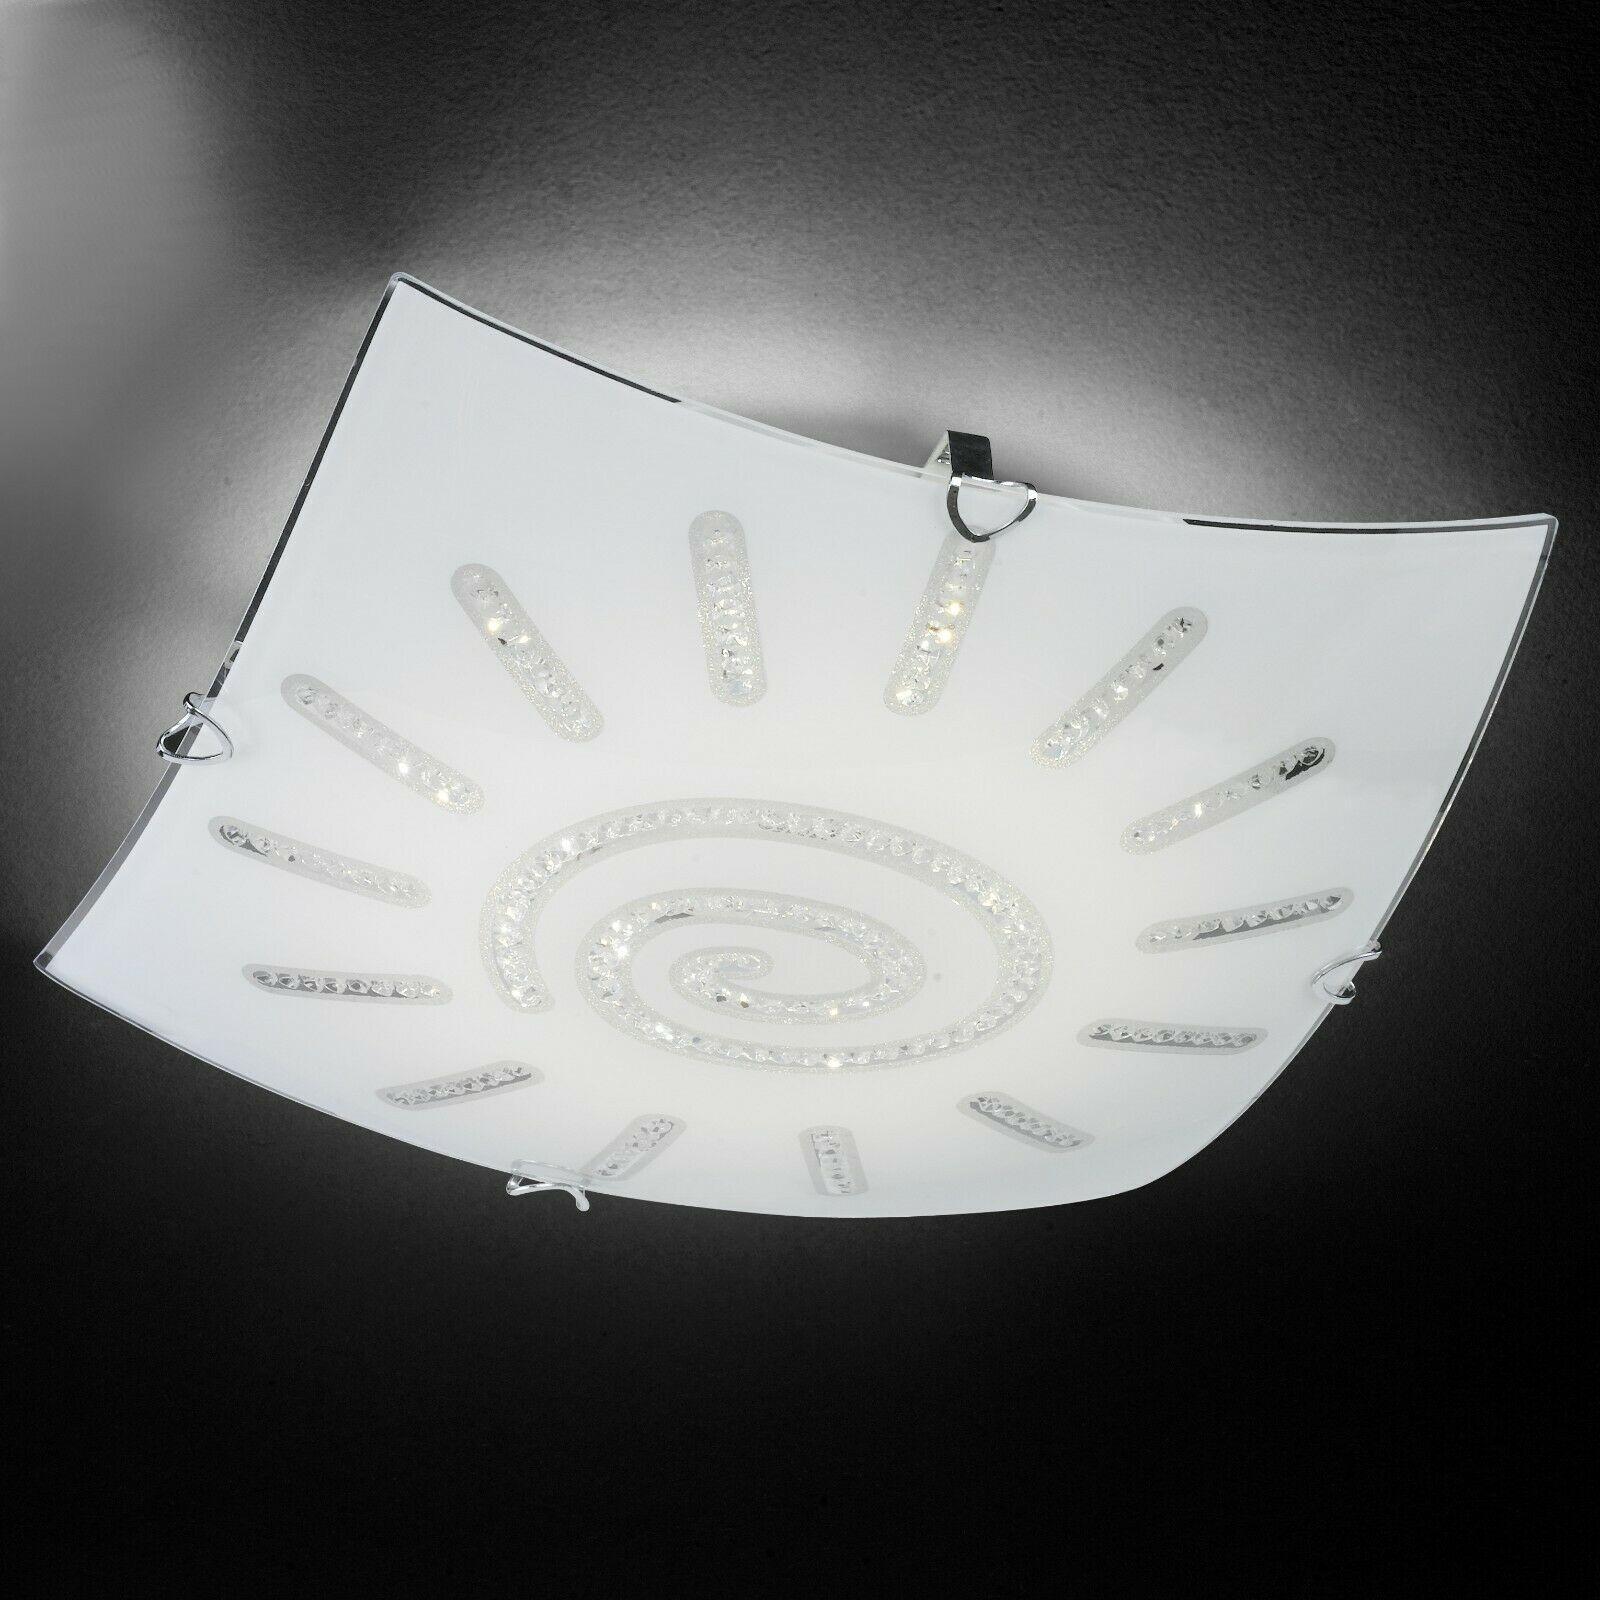 Led Deckenlampe Flach Eckig